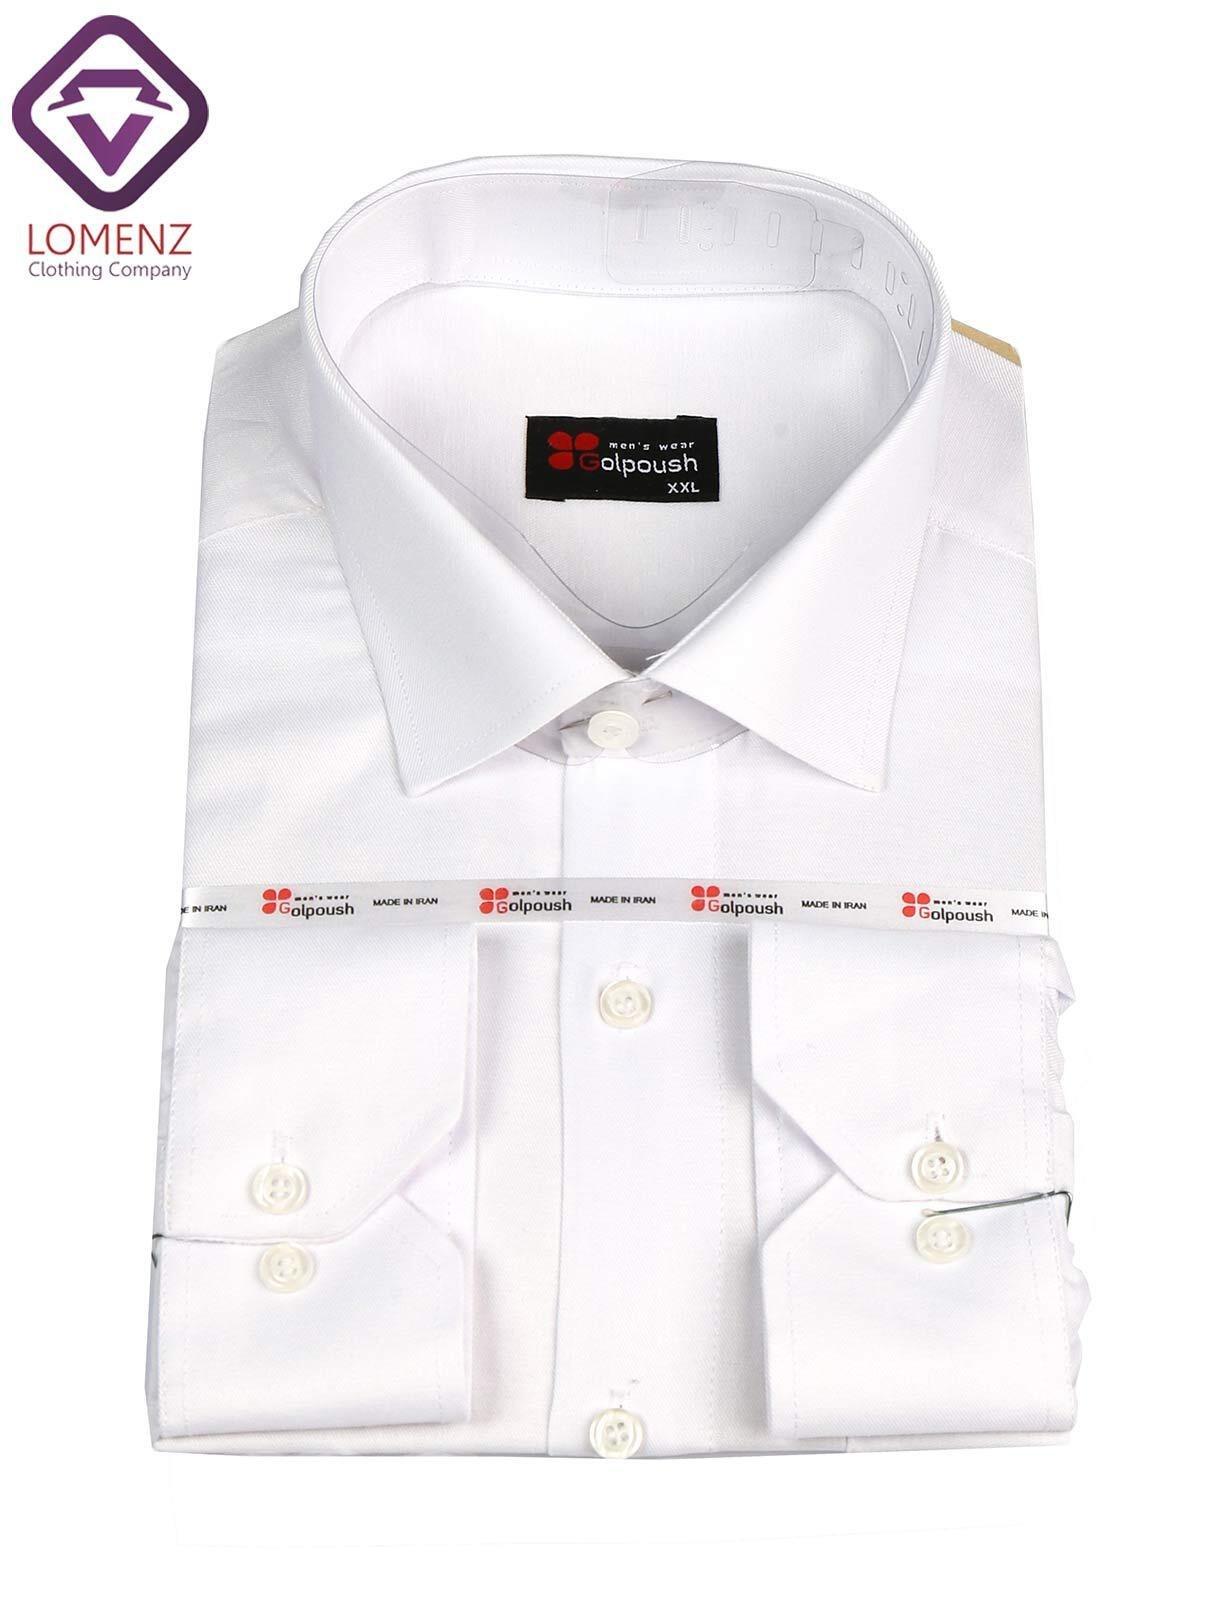 تصویر پیراهن جعبه ای فلورا تایلندی سفید